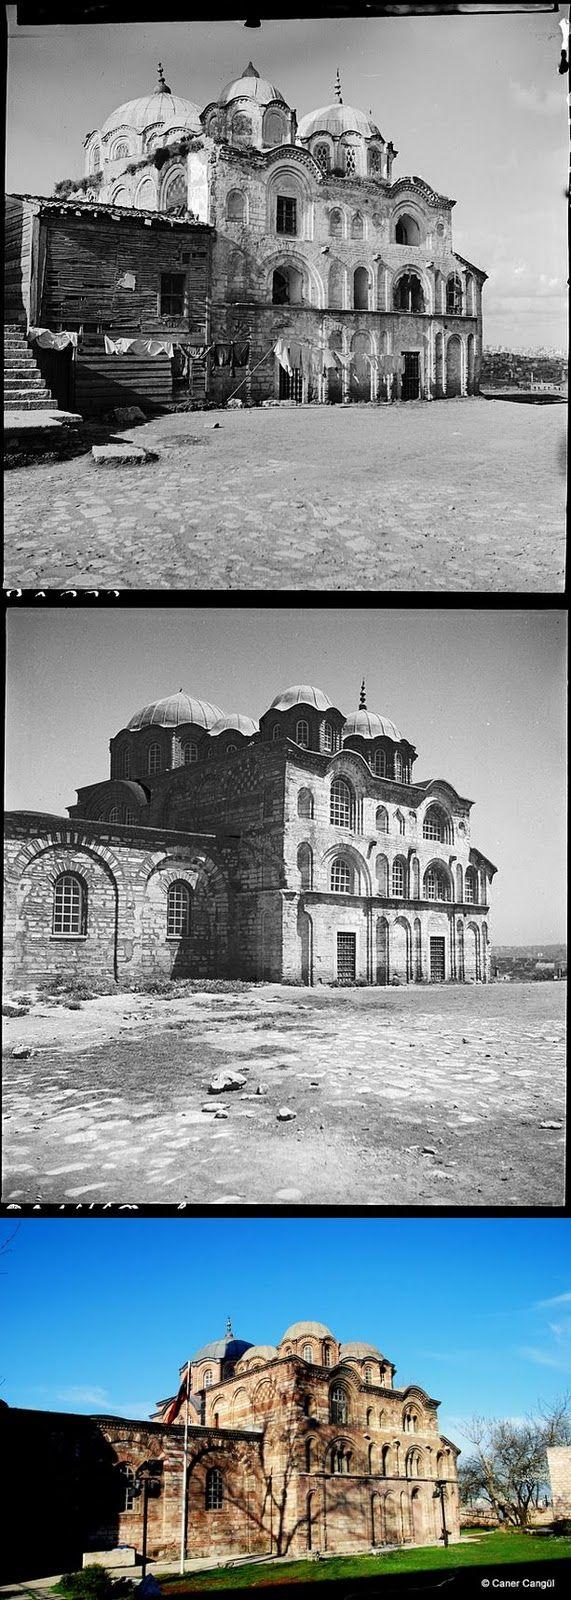 Fethiye Camii ve Müzesi 1. Fotoğraf: Nicholas V. Artamonoff, Mayıs 1937 2. Fotoğraf: Nicholas V. Artamonoff, Mayıs 1938 3. Fotoğraf: Caner Cangül, Mart 2008